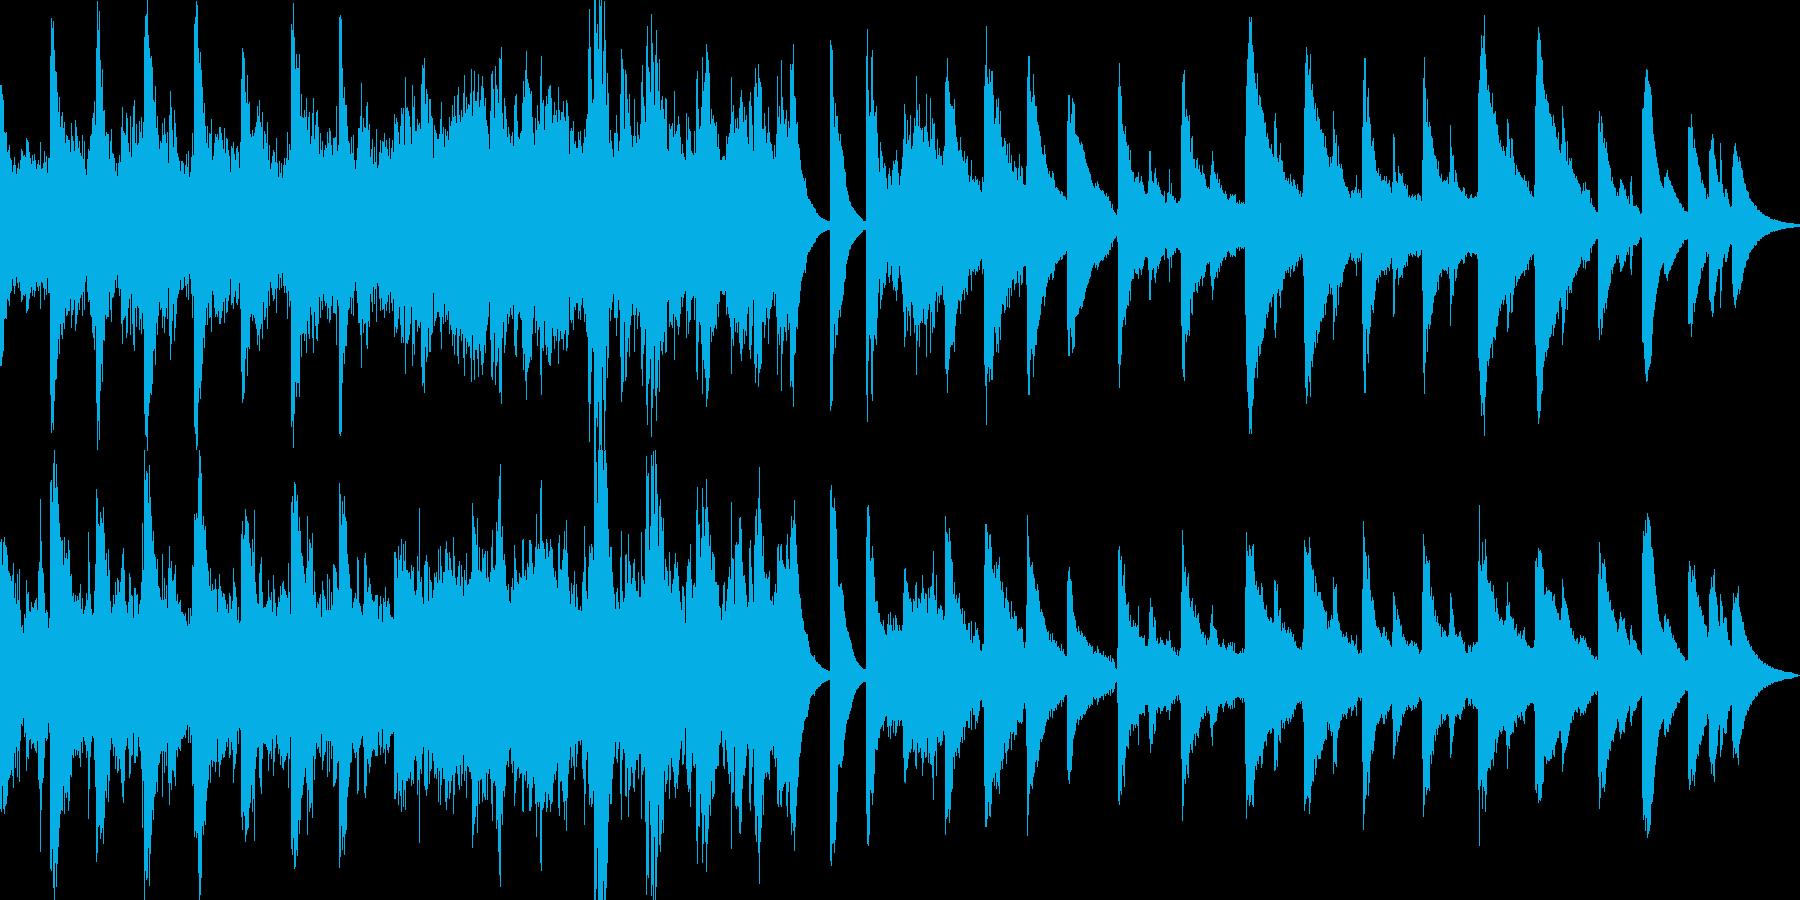 眠りの前に聴くアンビエントBGMの再生済みの波形